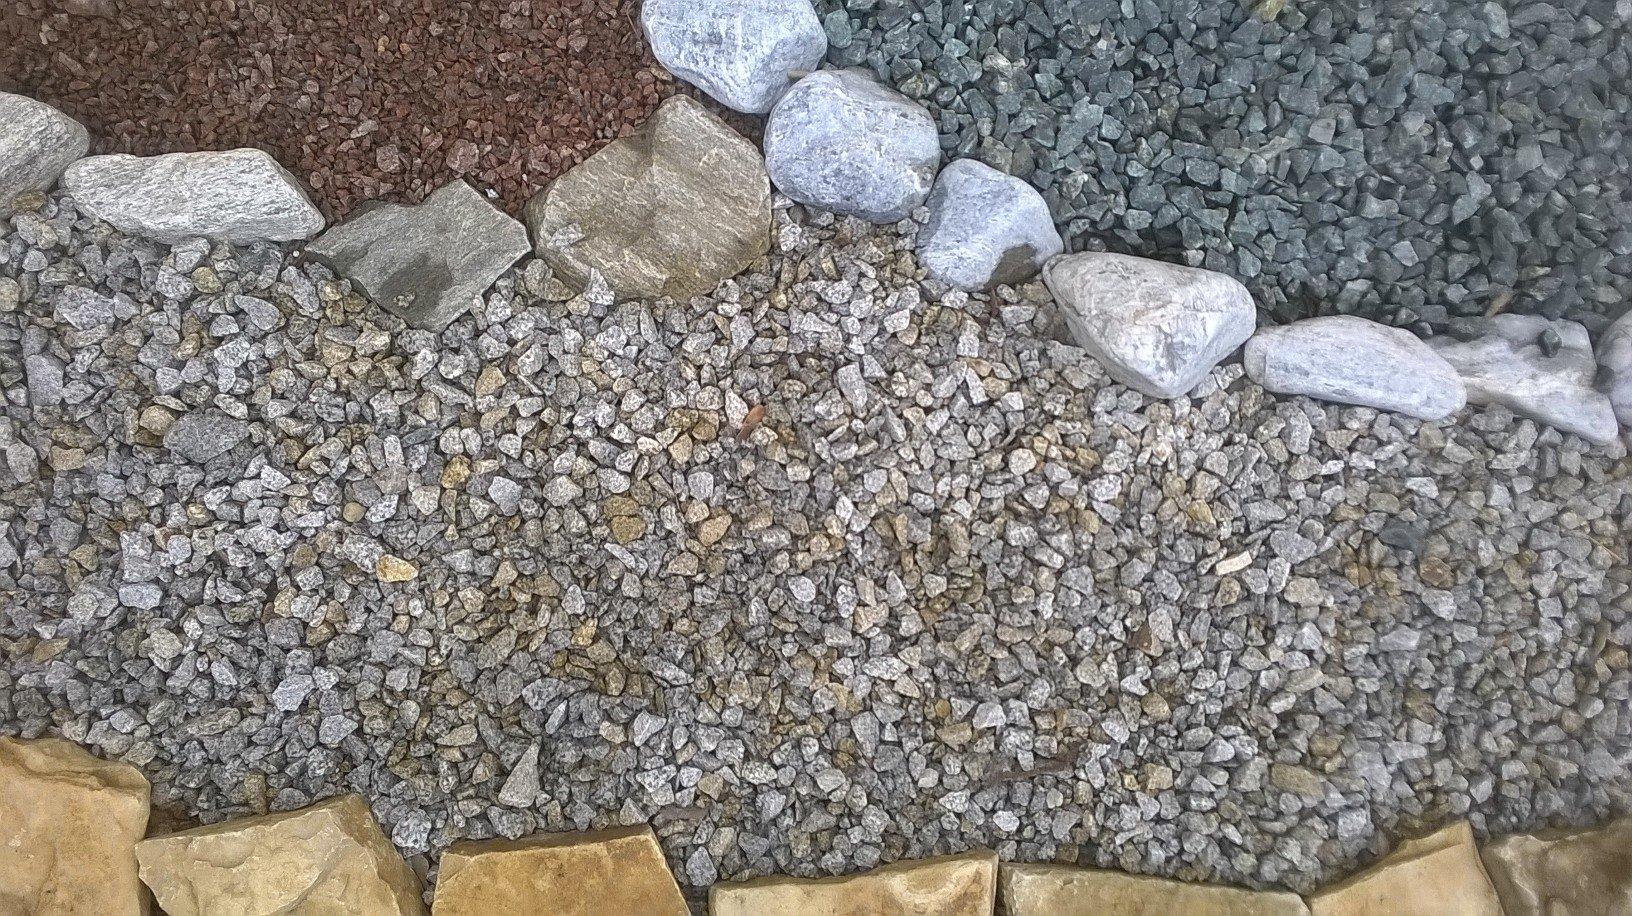 Żwiry i Grysy do ogrodu, kamień ogrodowy